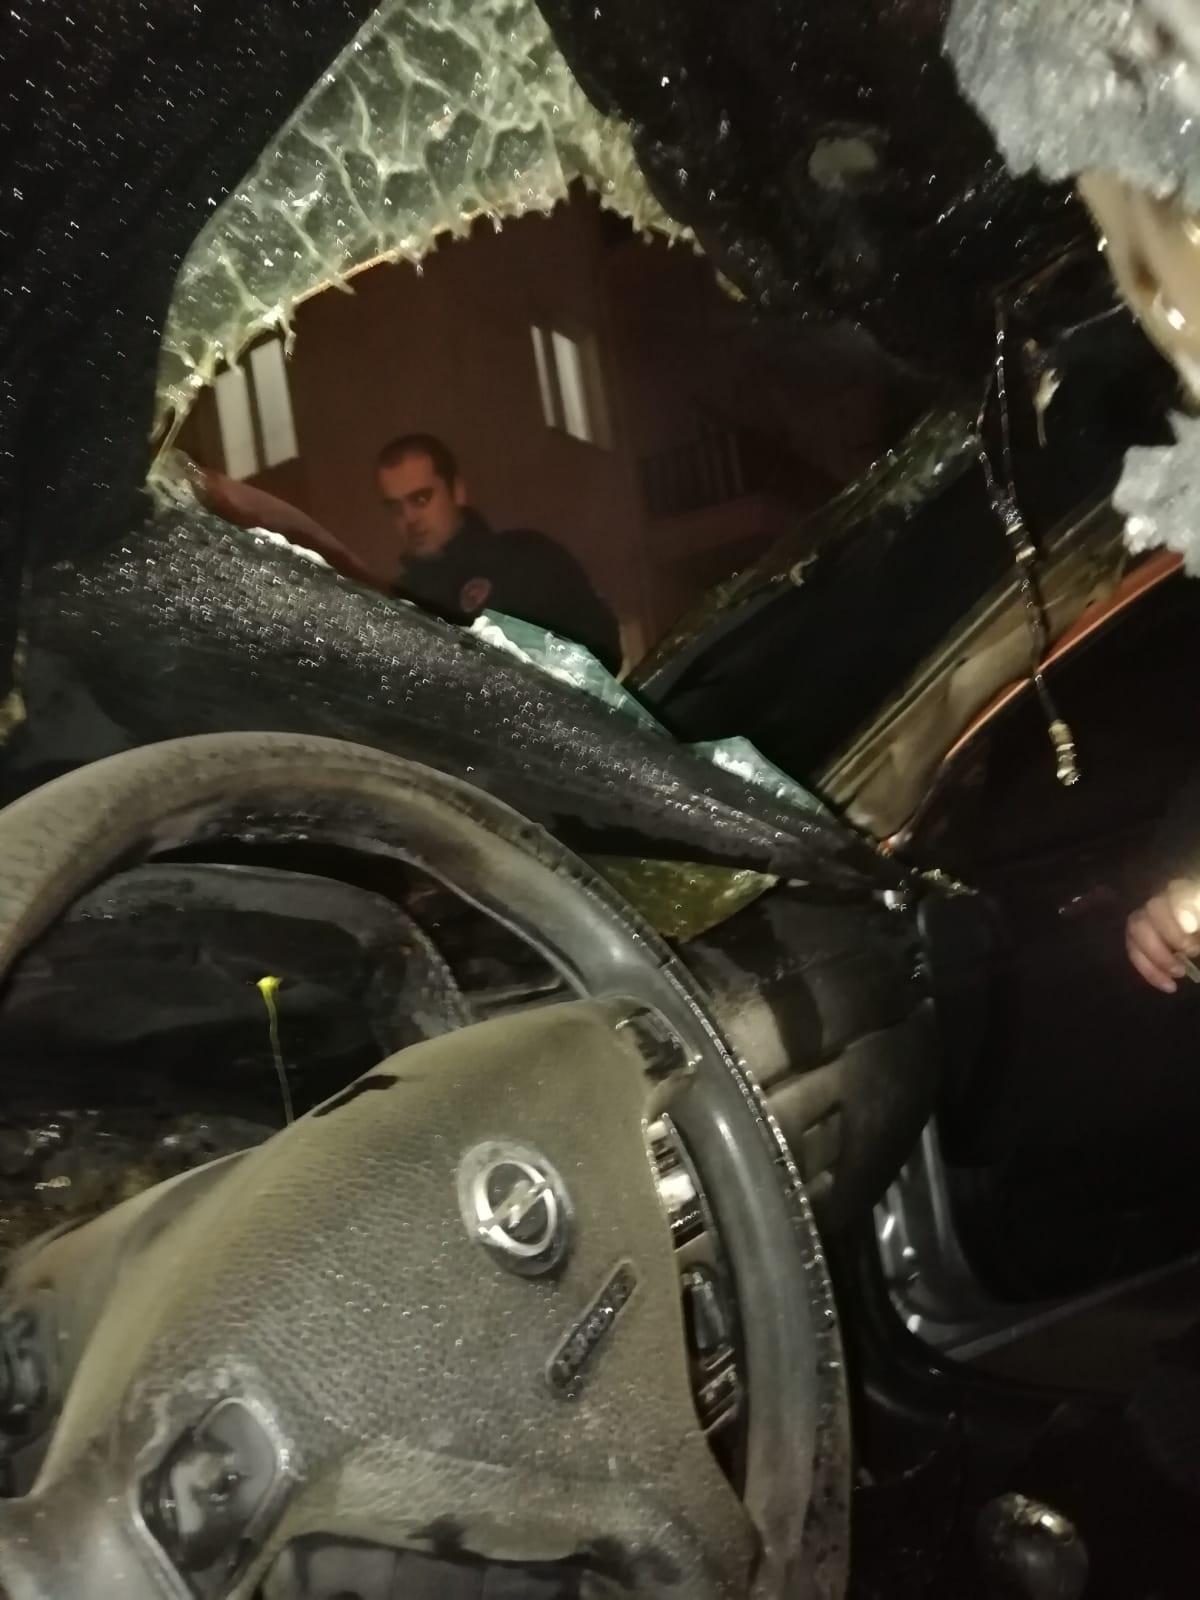 Erzincan'da dün akşam saatlerinde meydana gelen araç yangını itfahiye ekiplerince söndürüldü